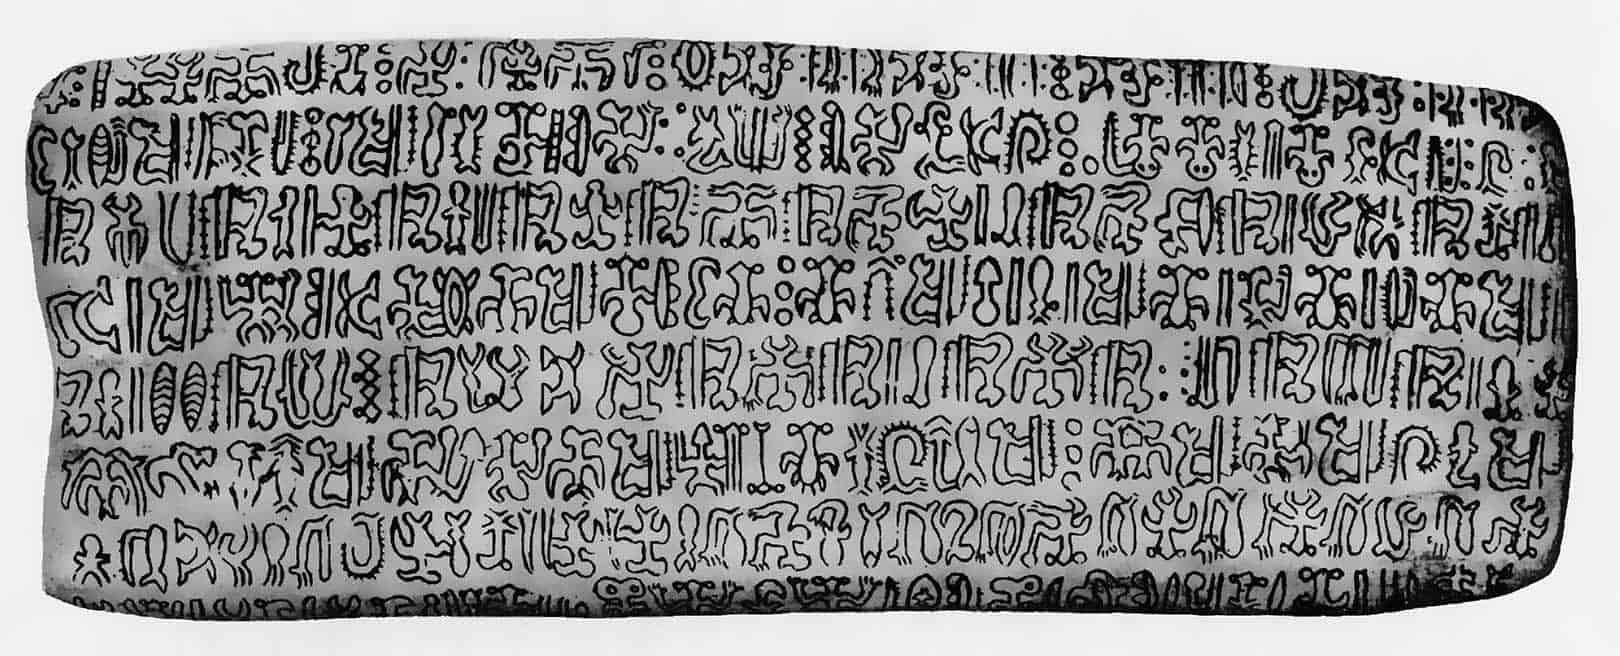 A picture of a Tohau rongorongo writing board (source: https://boloji.com)